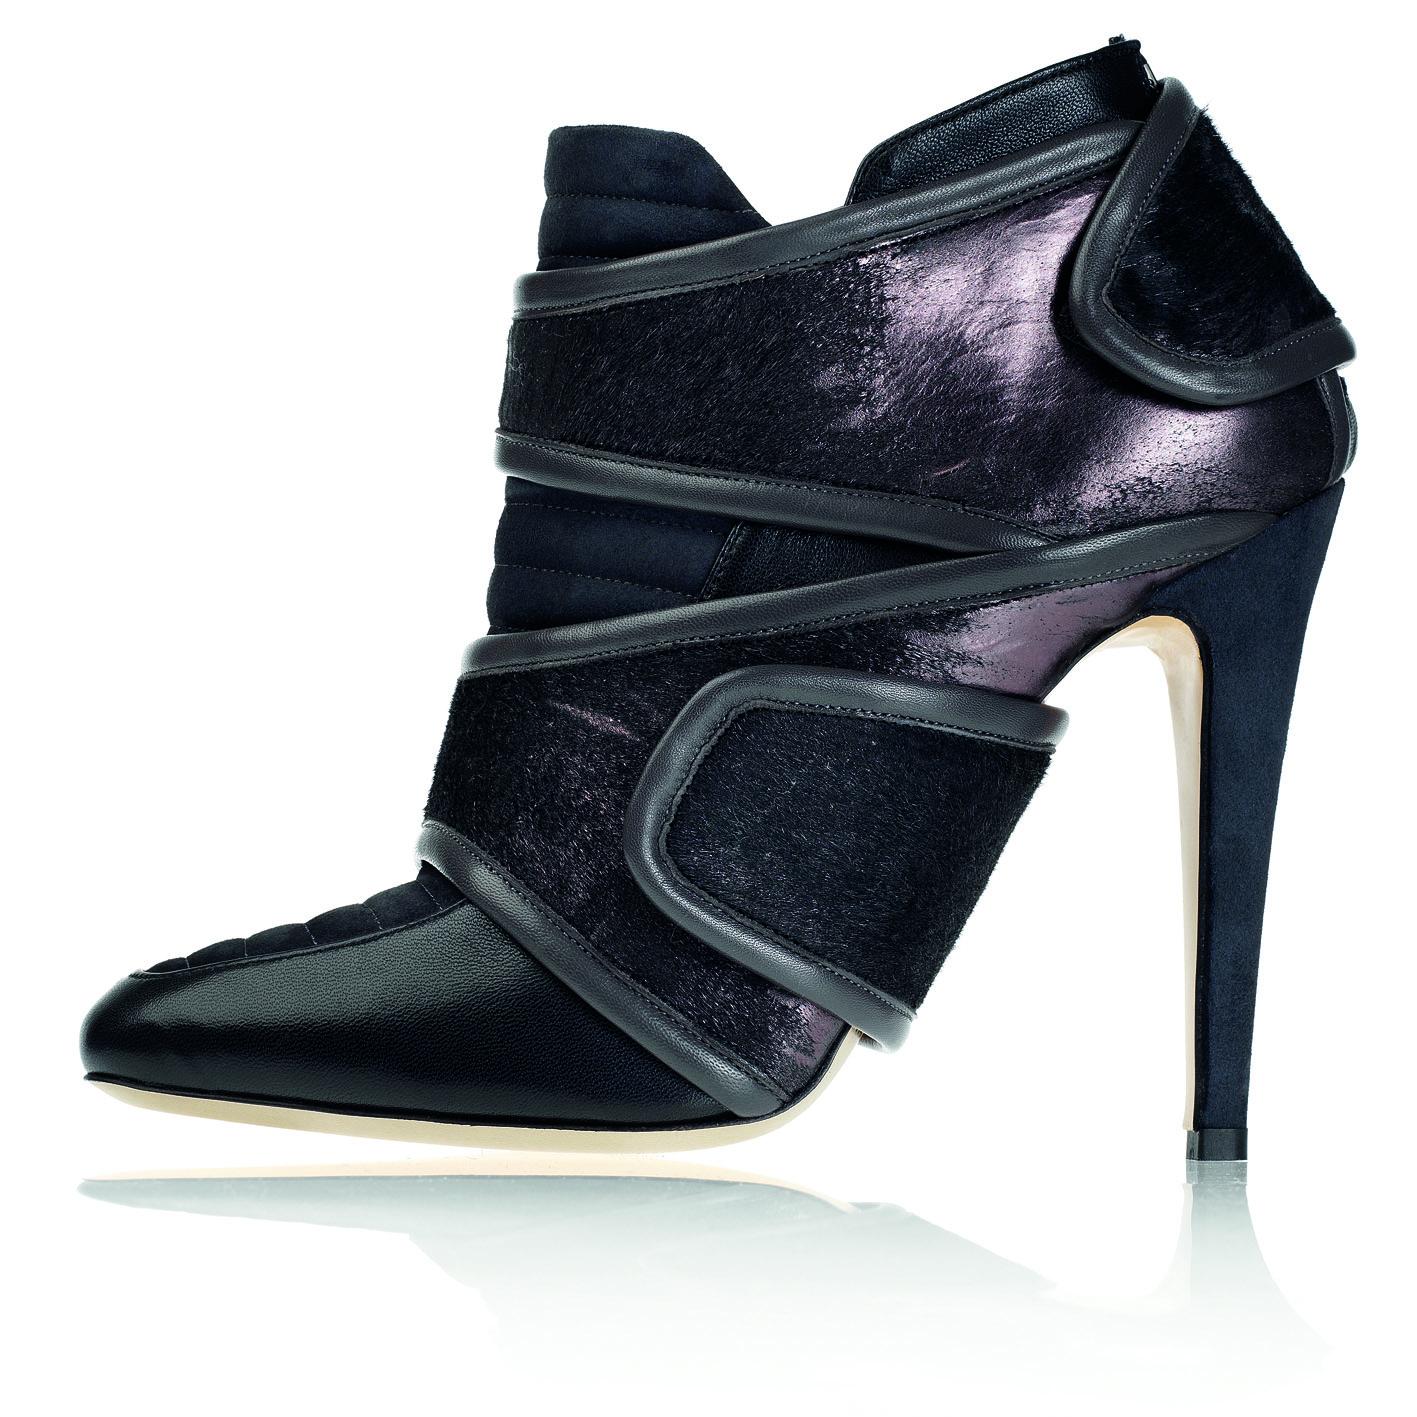 La collezione di calzature Daniele Michetti per l'Autunno 2011